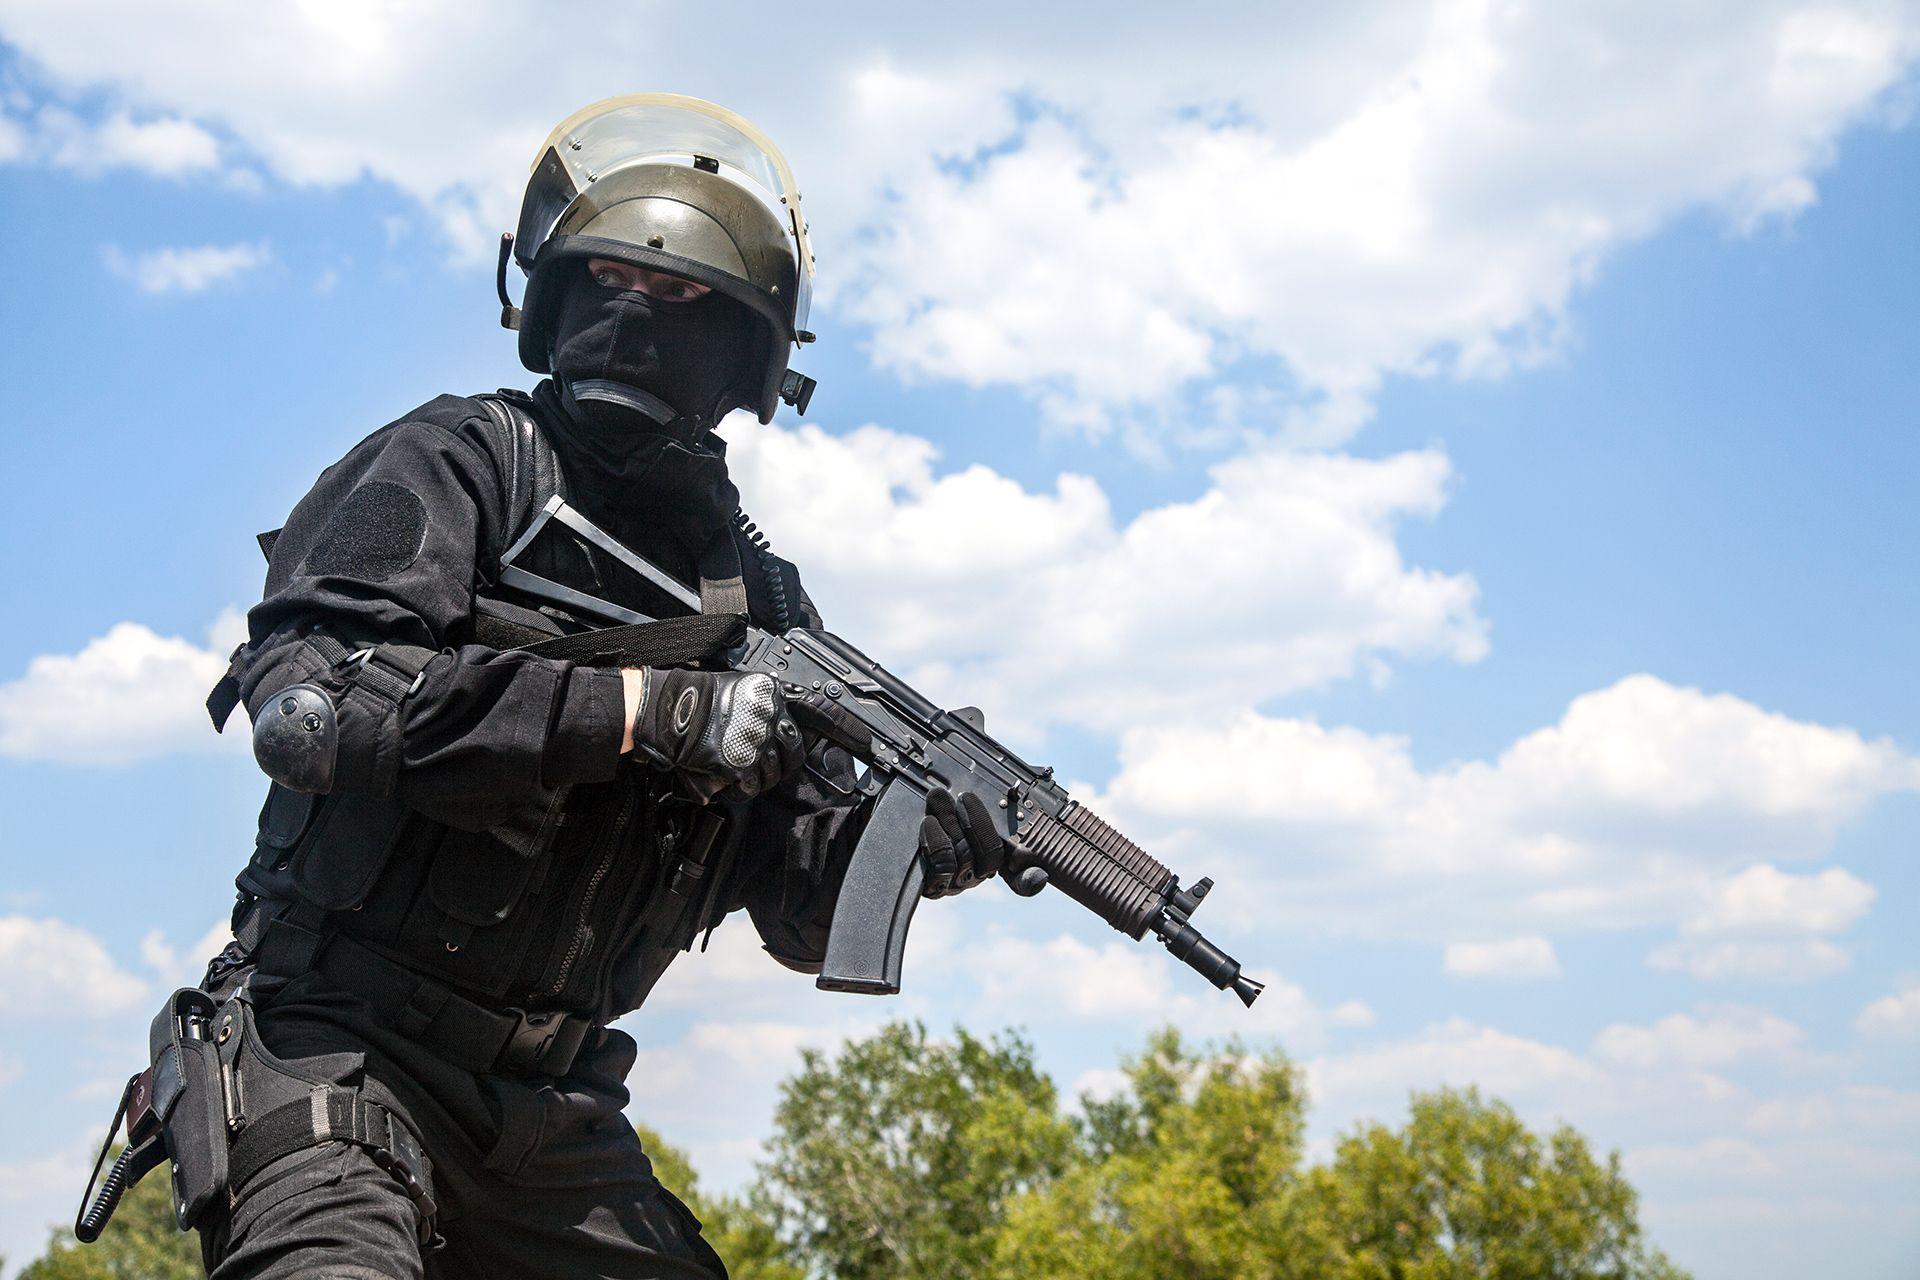 swat training in berlin als geschenkidee